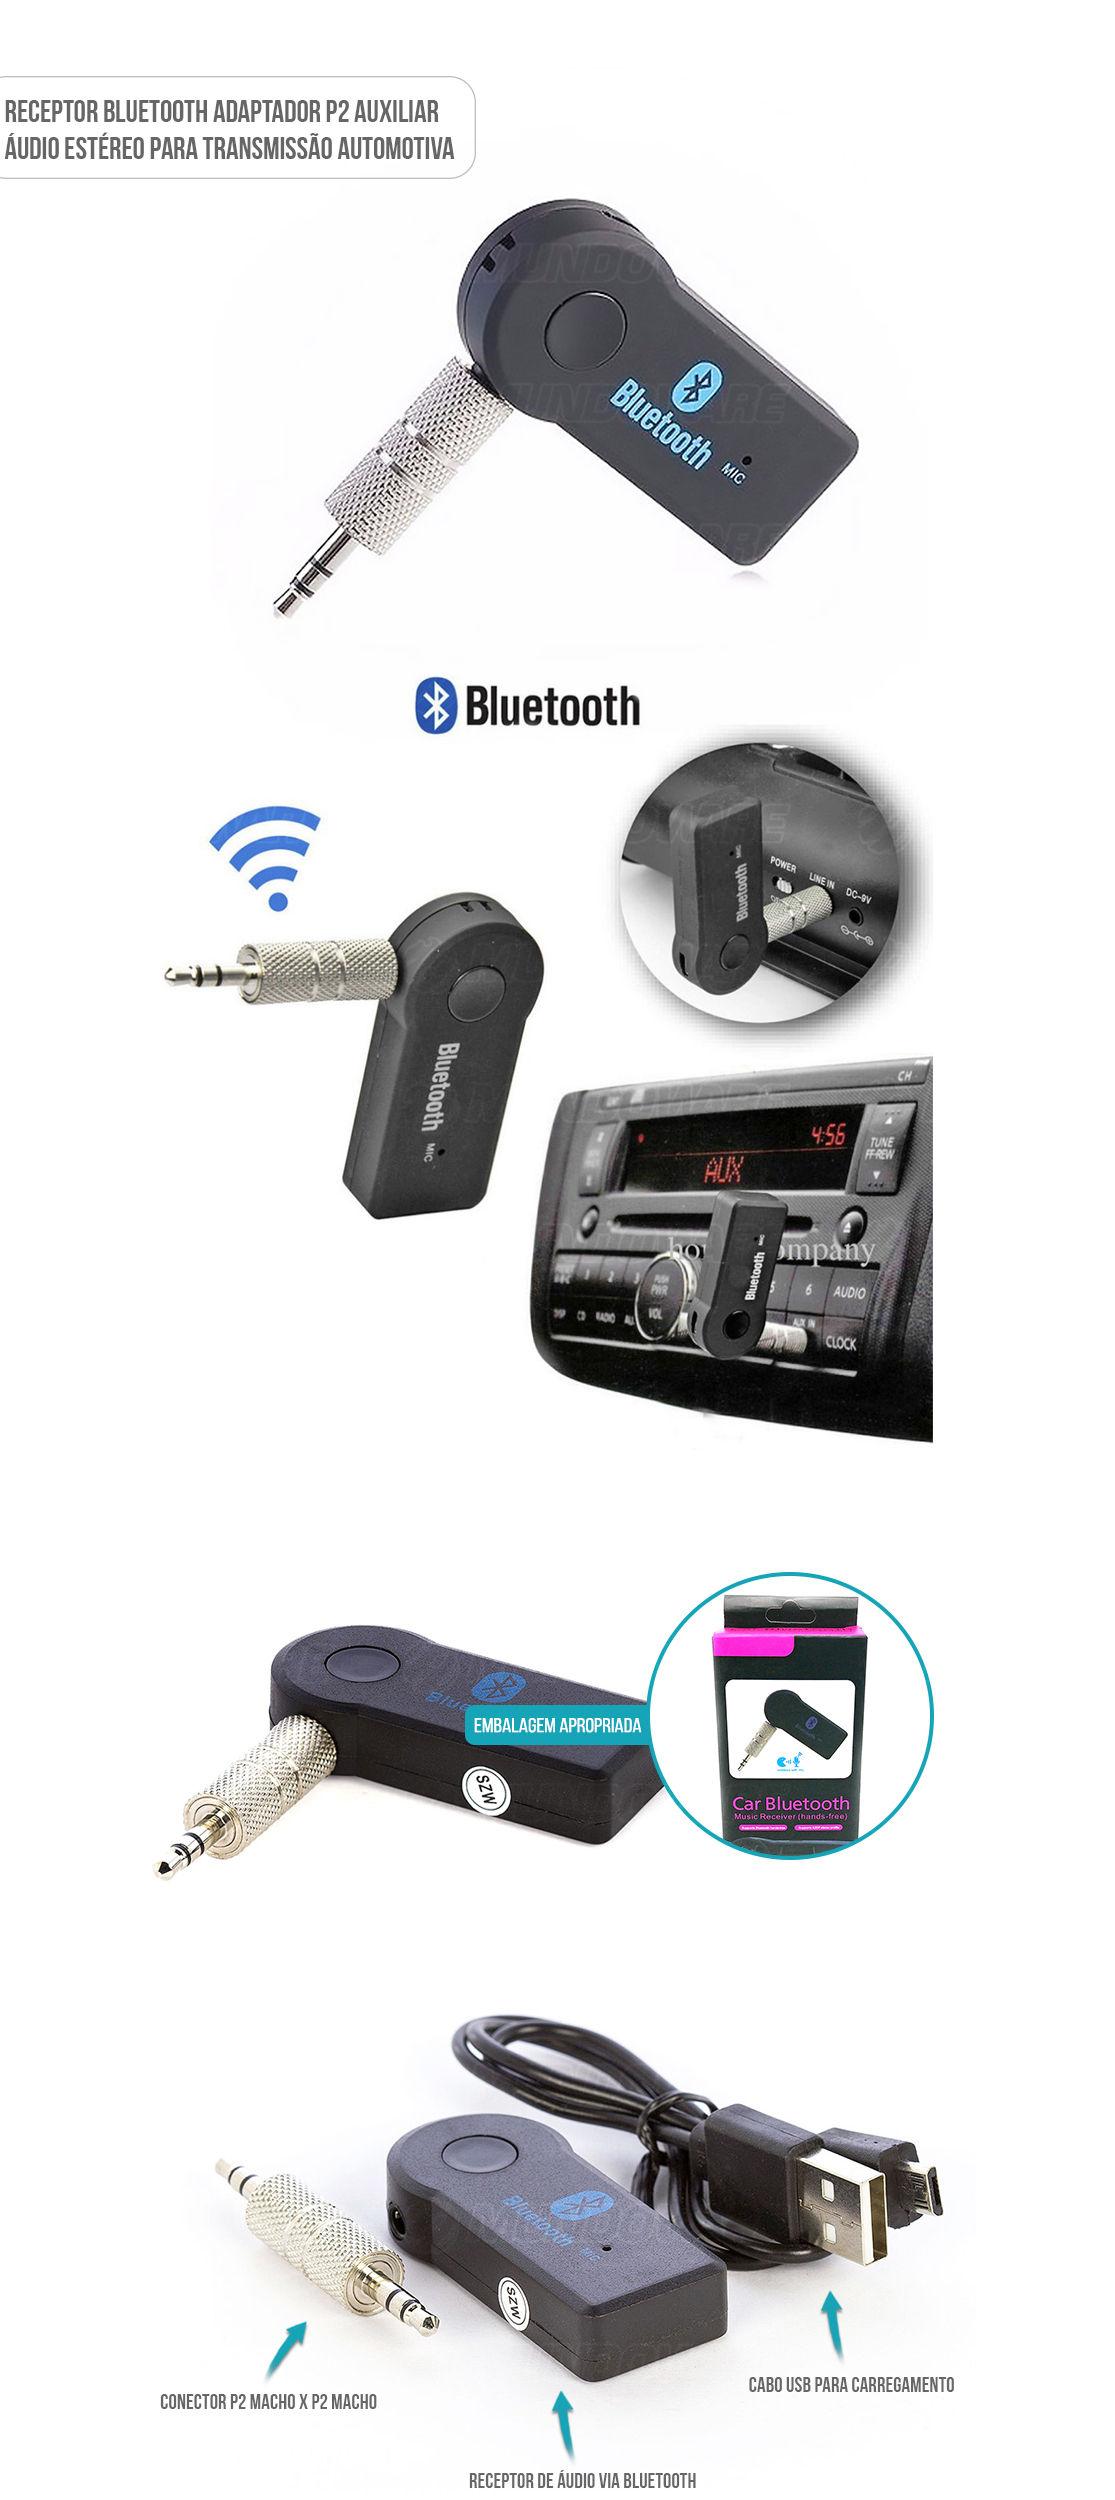 Receptor Bluetooth adaptador P2 auxiliar Áudio eStéreo para Transmissão Automotiva